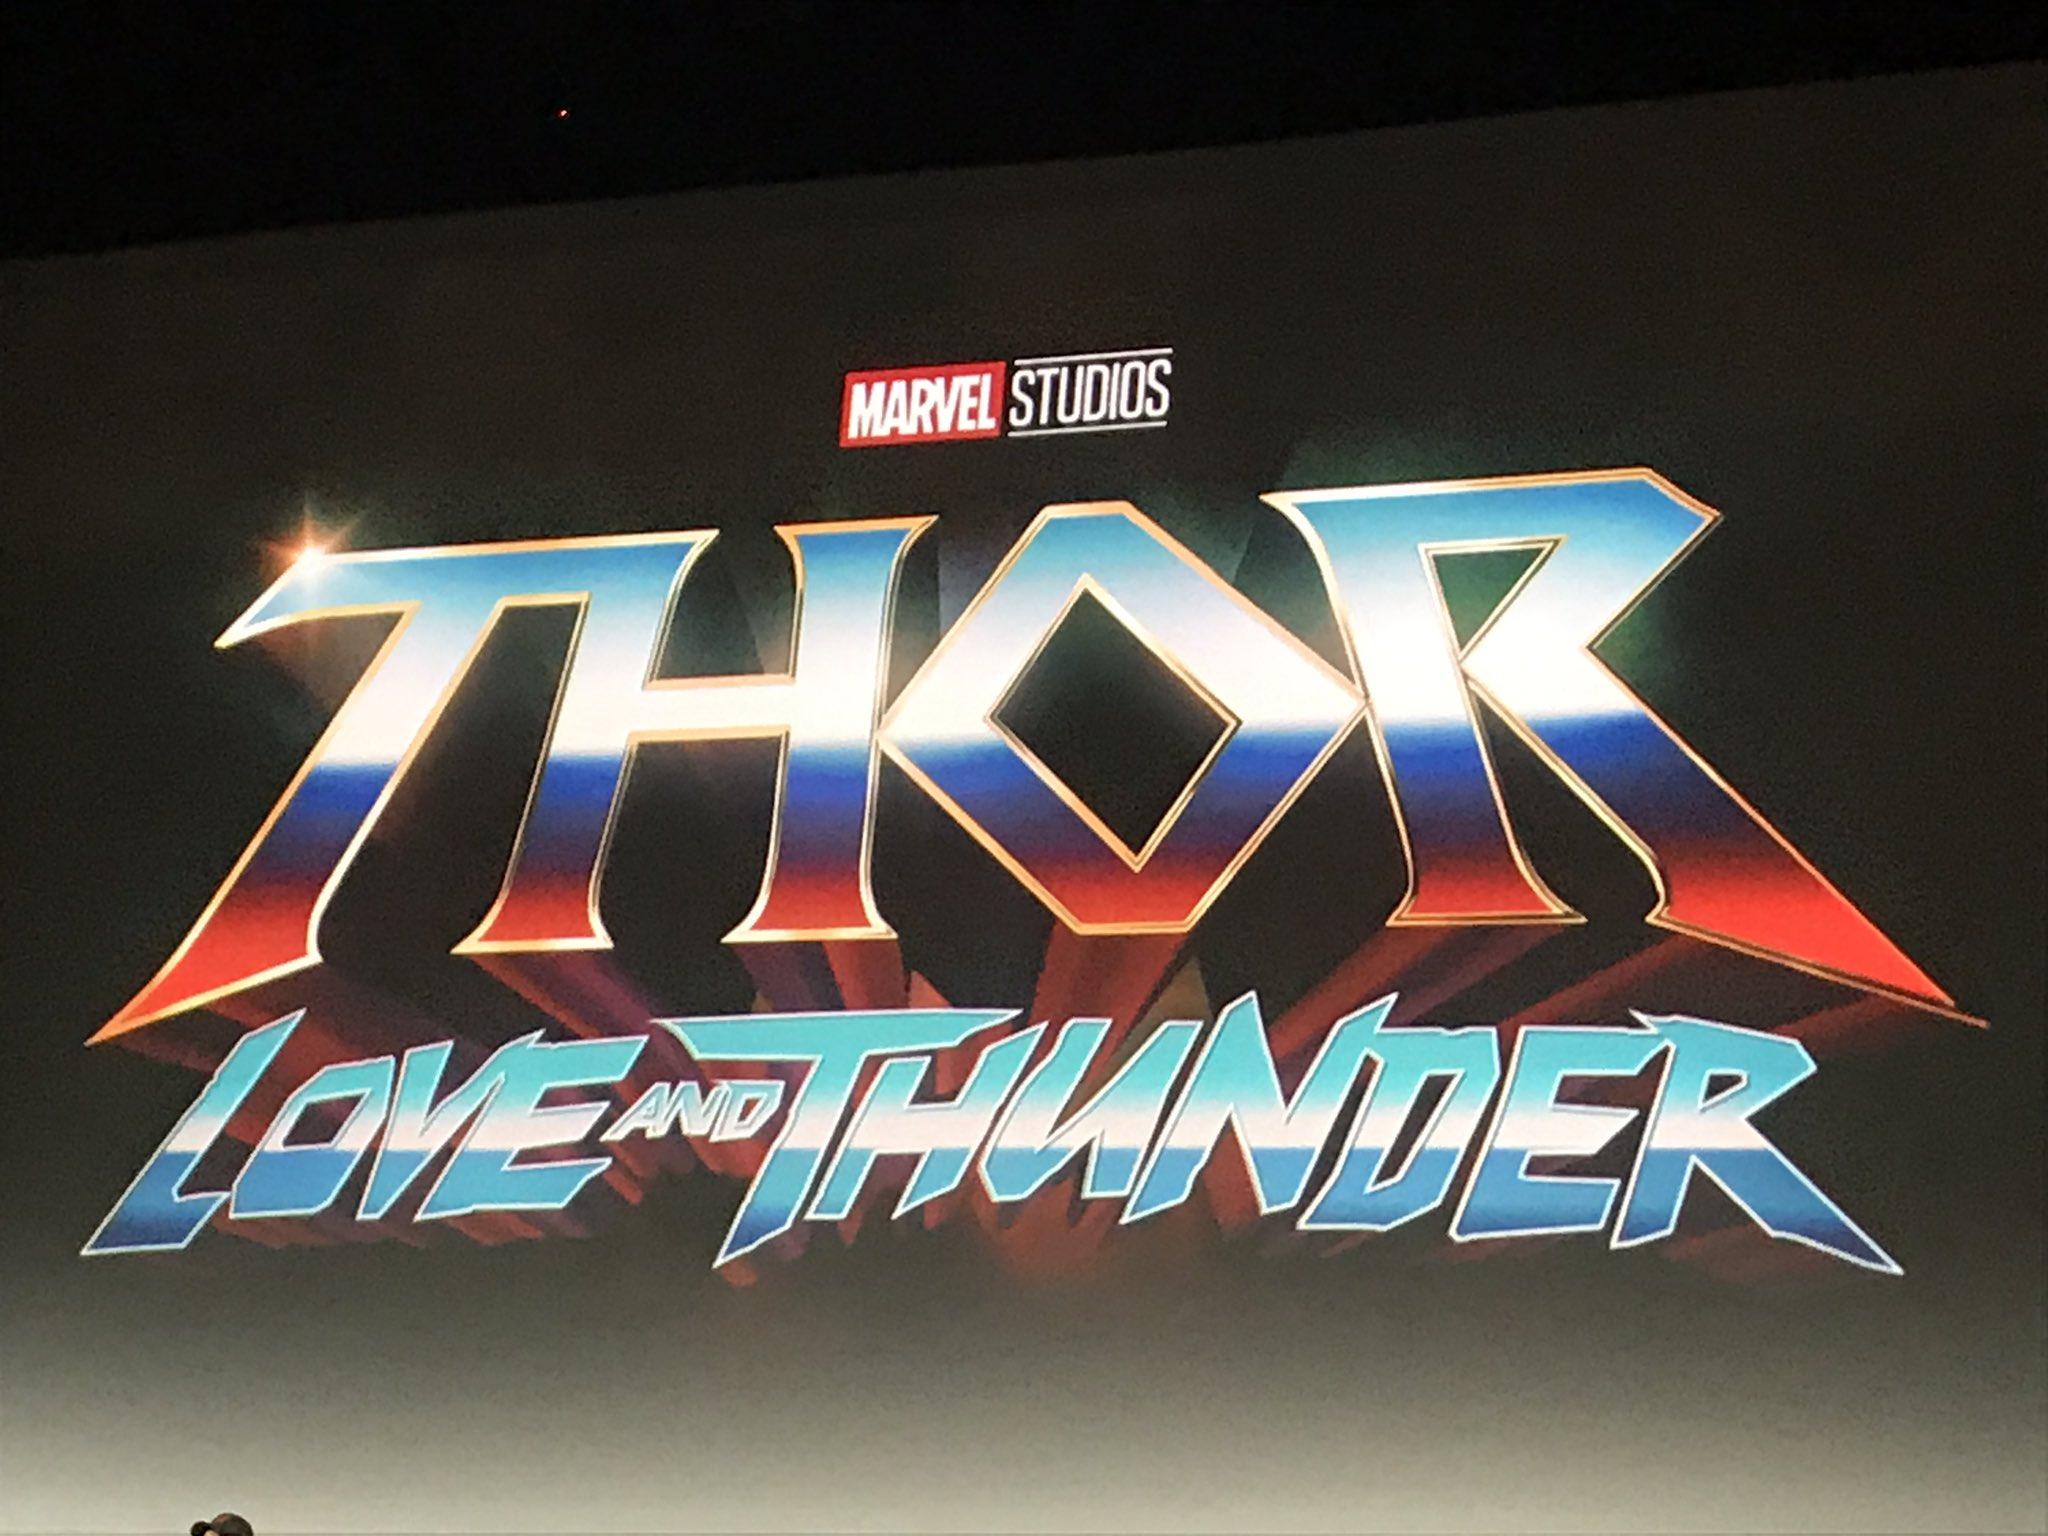 Natalie Portman regresa al universo Marvel como la versión femenina de 'Thor'